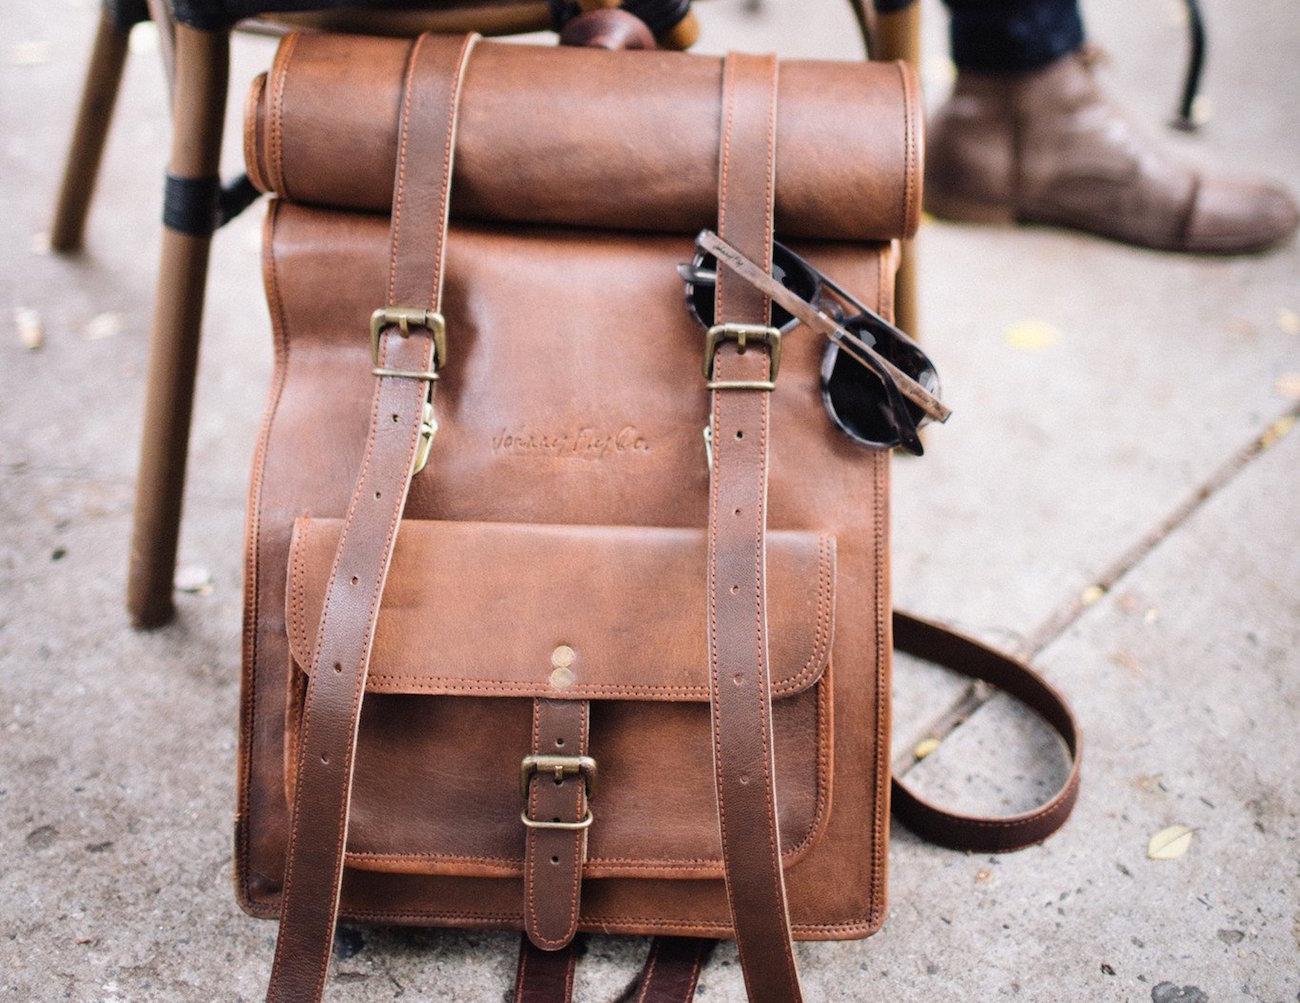 Backpacks - Backpack Her - Part 8